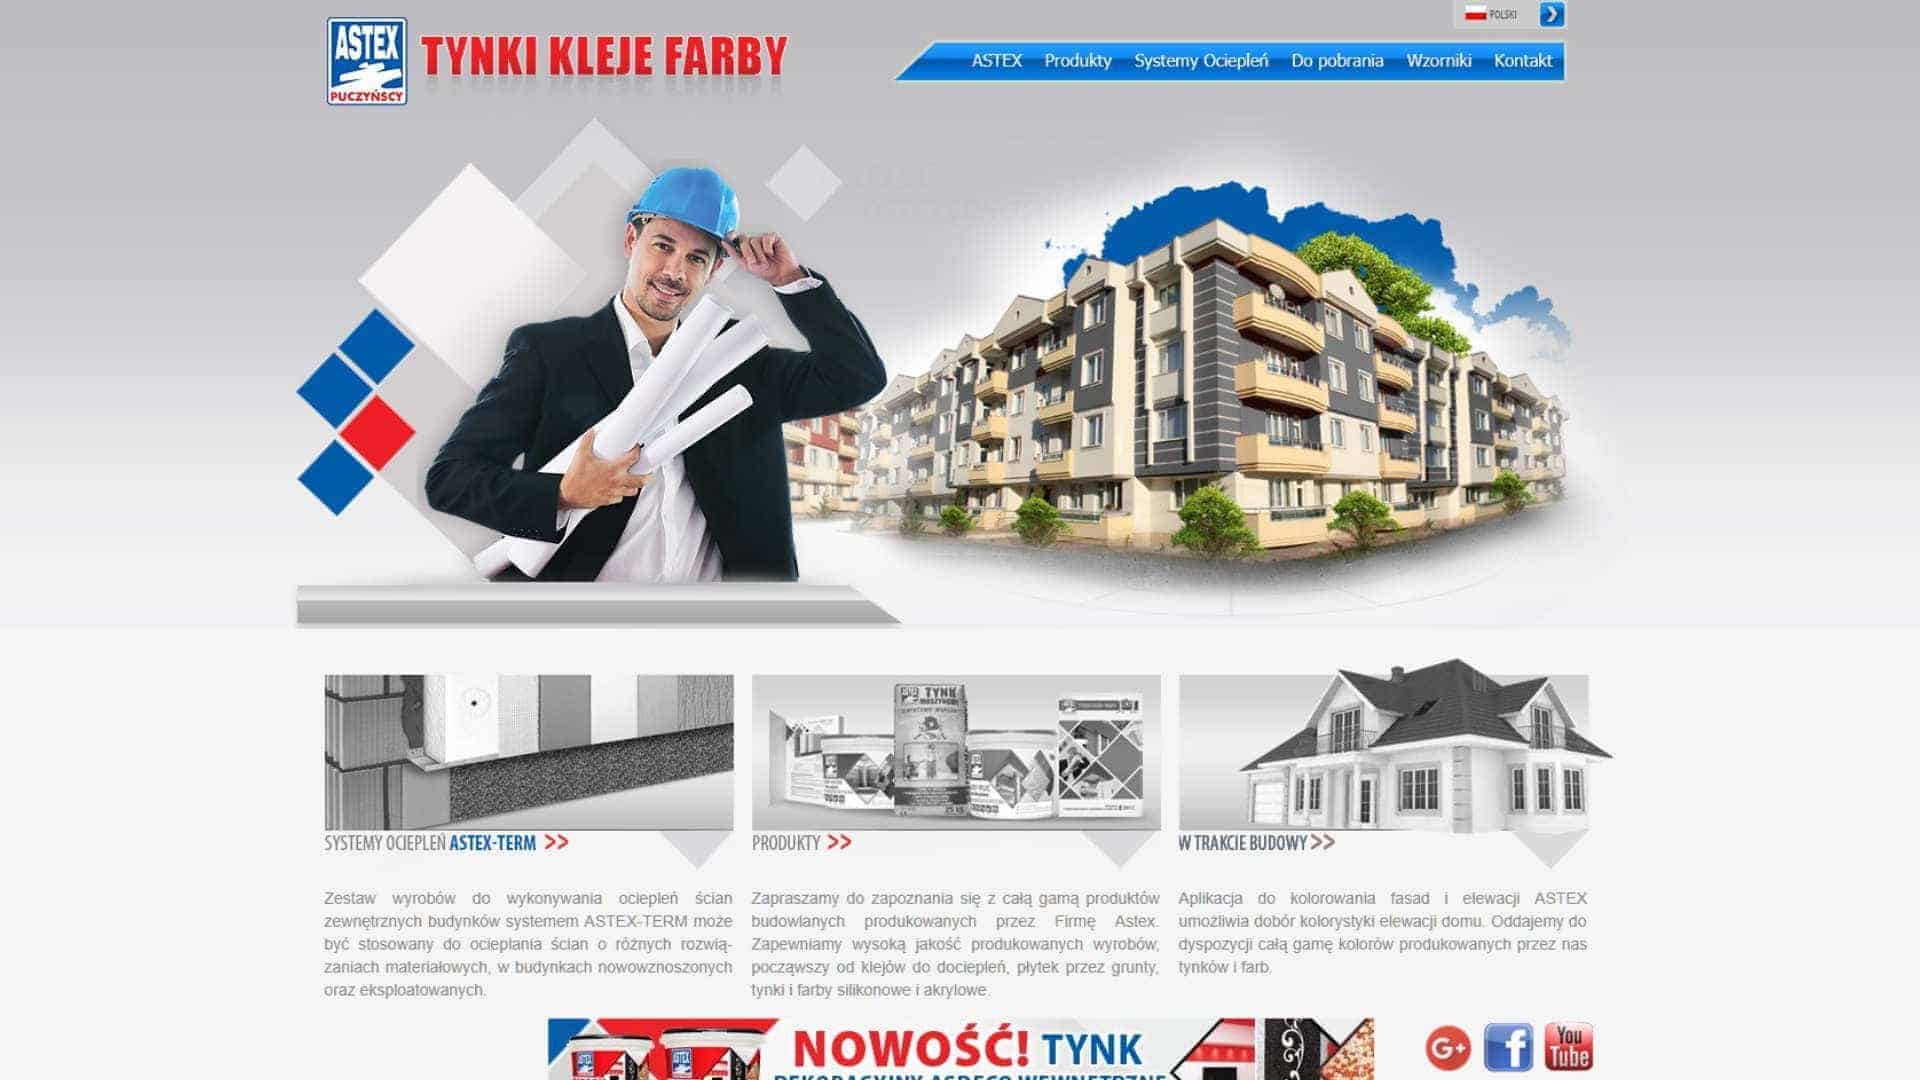 Realizacja strony WWW dla producenta materiałów budowlanych, firmy Astex - Tynki